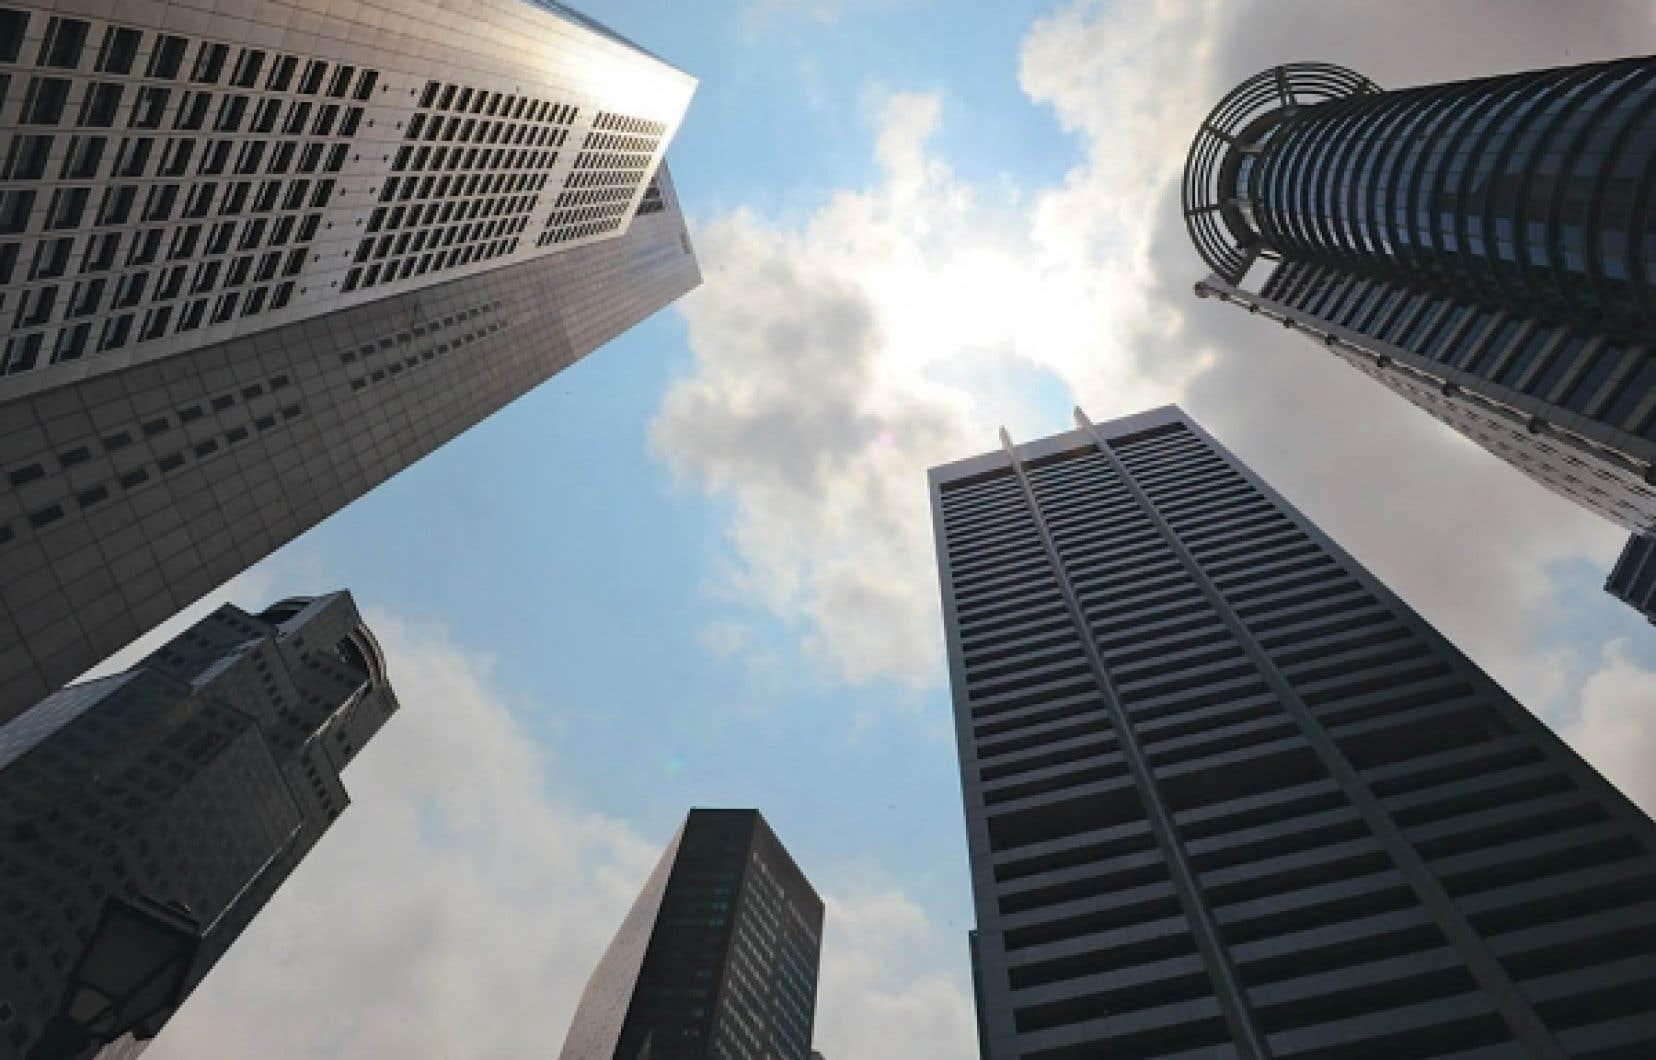 Le centre financier de Singapour. Le Comité de Bâle s'est réuni récemment et a convenu de nouvelles règles pour éviter la répétition d'une nouvelle crise financière dont la résolution reposerait encore une fois sur les épaules des gouvernements. Mais les mesures adoptées sont insuffisantes.<br />